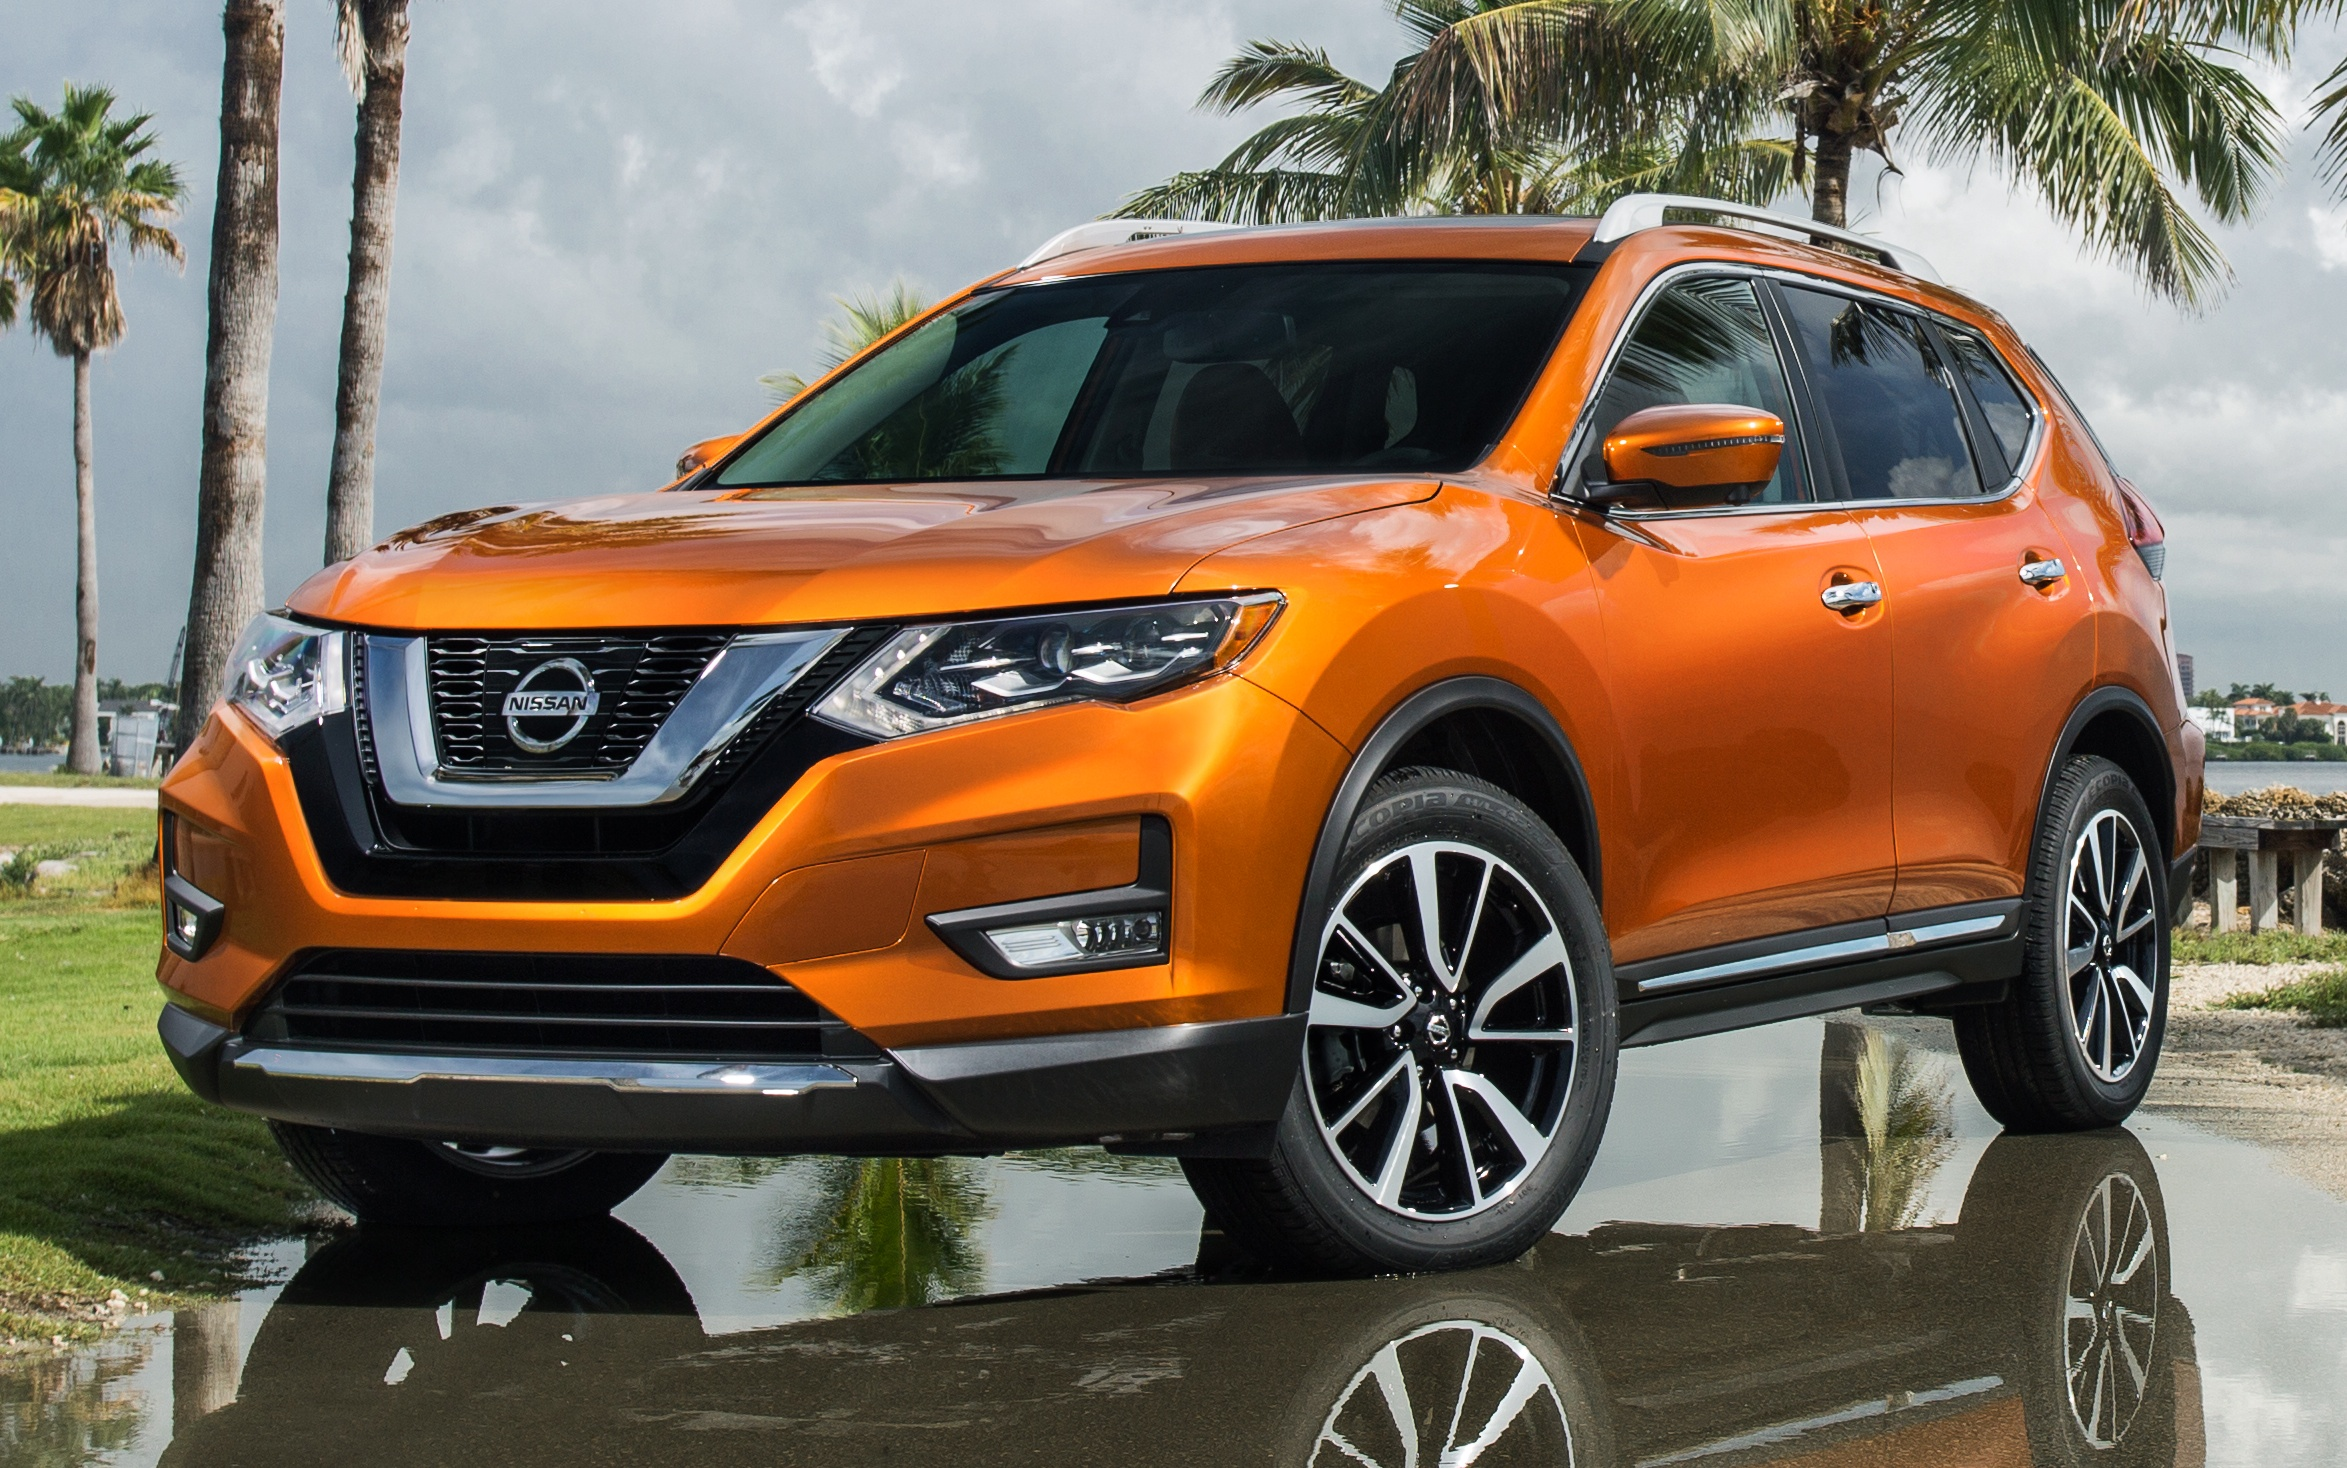 北美 Nissan Rogue 小改款面市,本地 X-Trail 会跟进吗? 2017_nissan_rogue ...